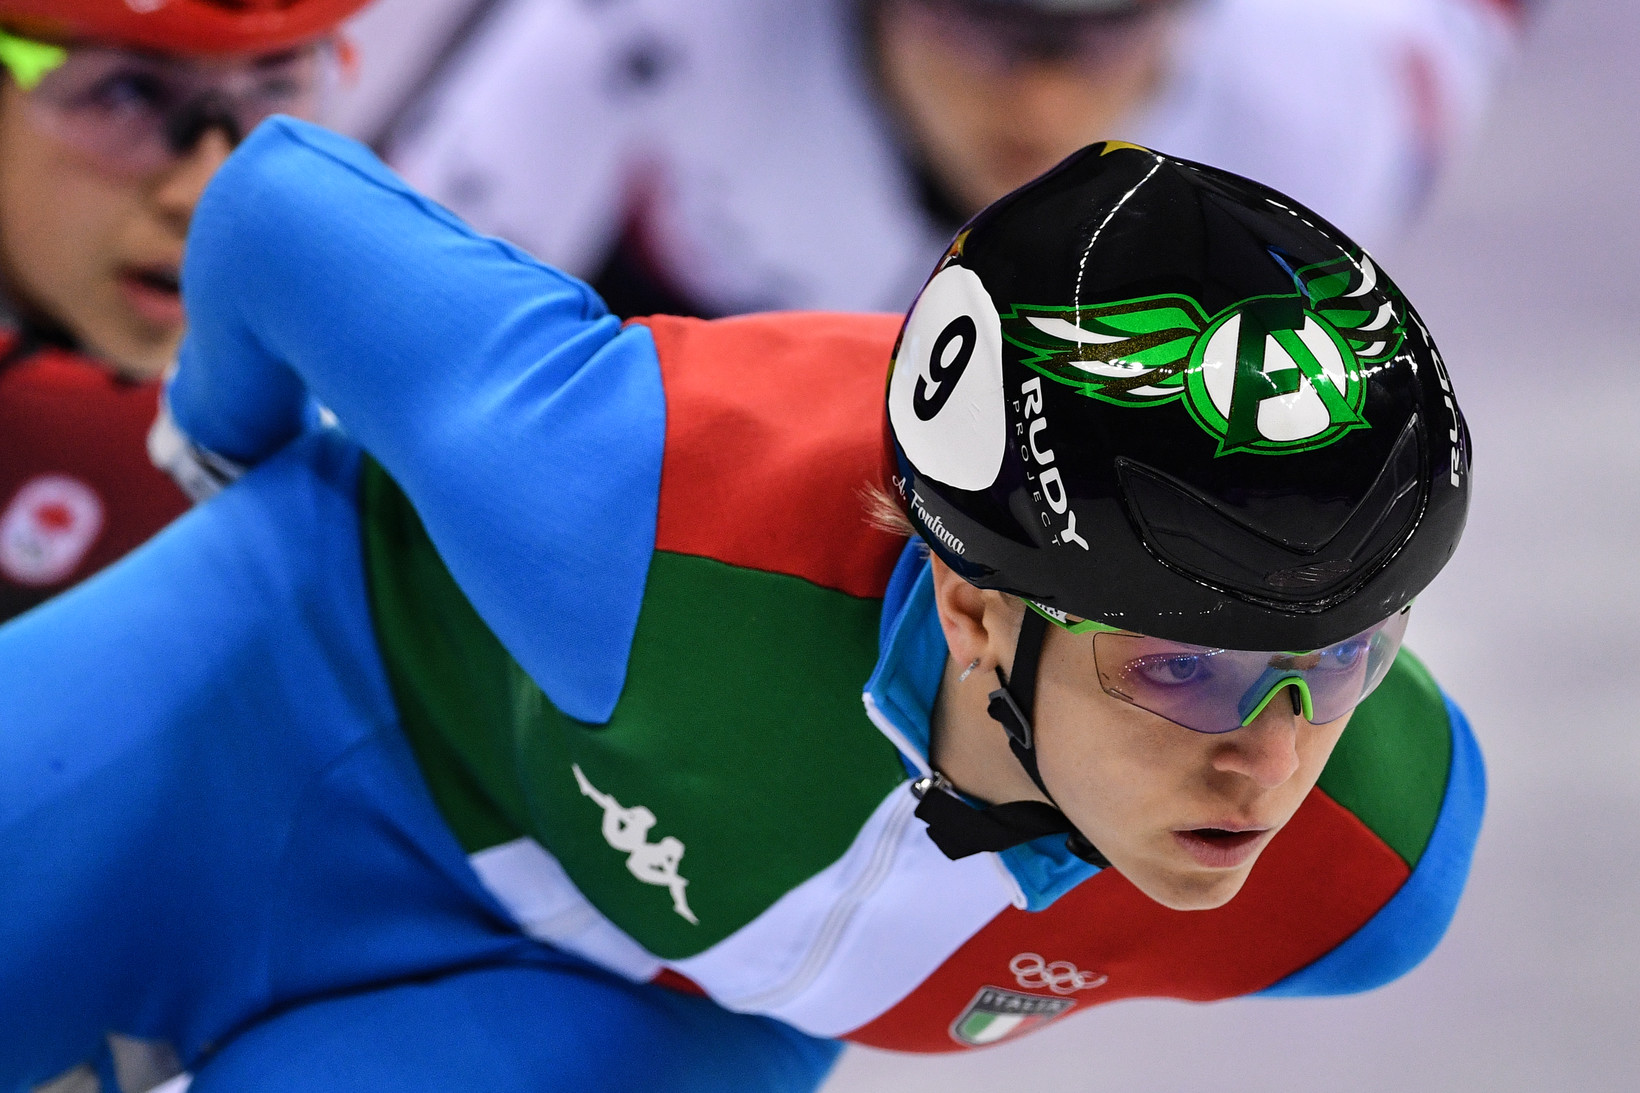 Arianna Fontana riapre il medagliere azzurro. Diario olimpic